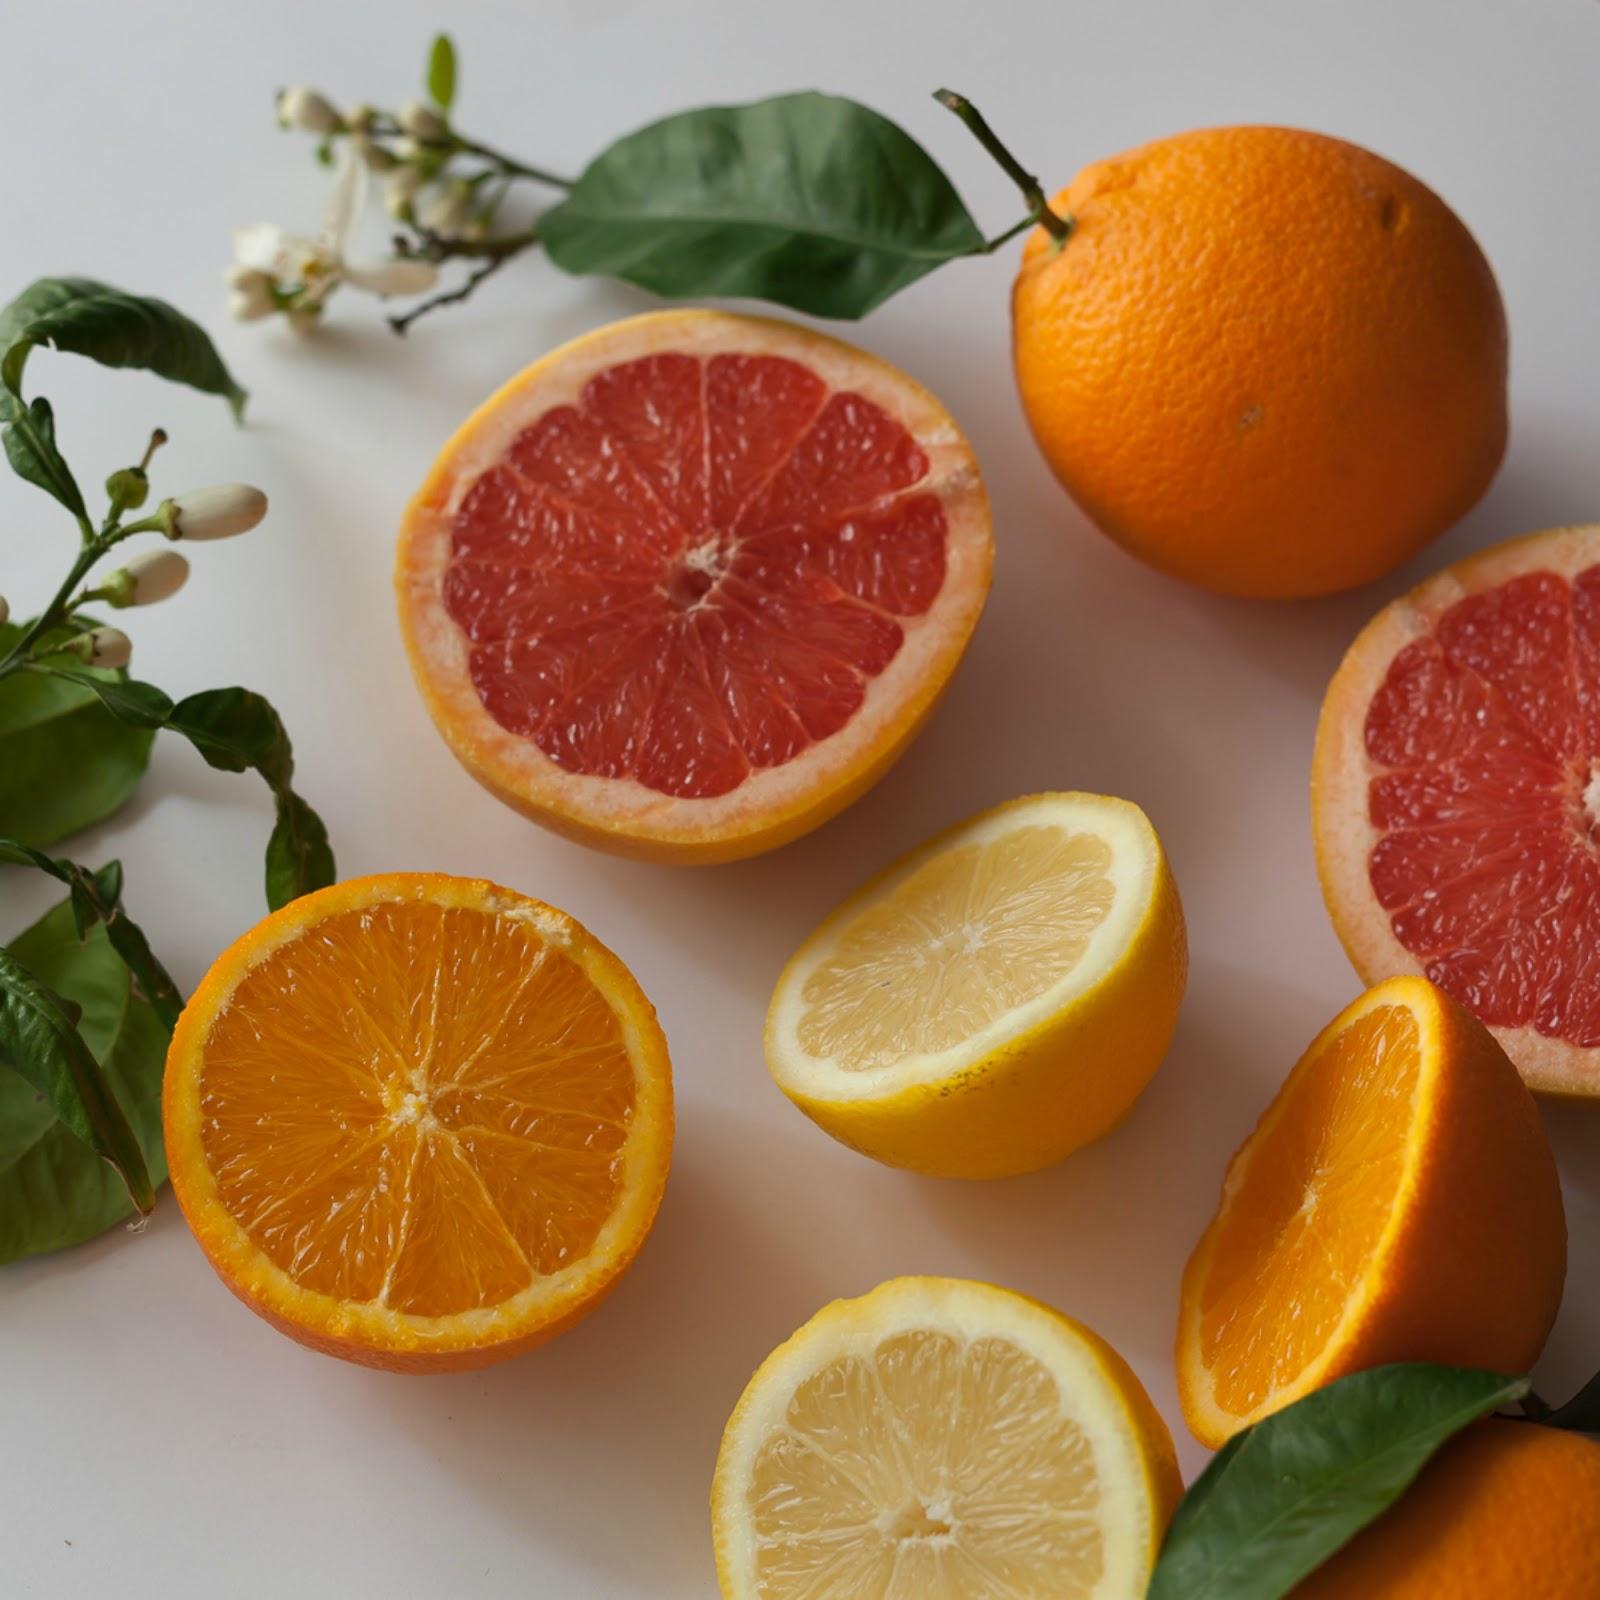 Andalucian oranges